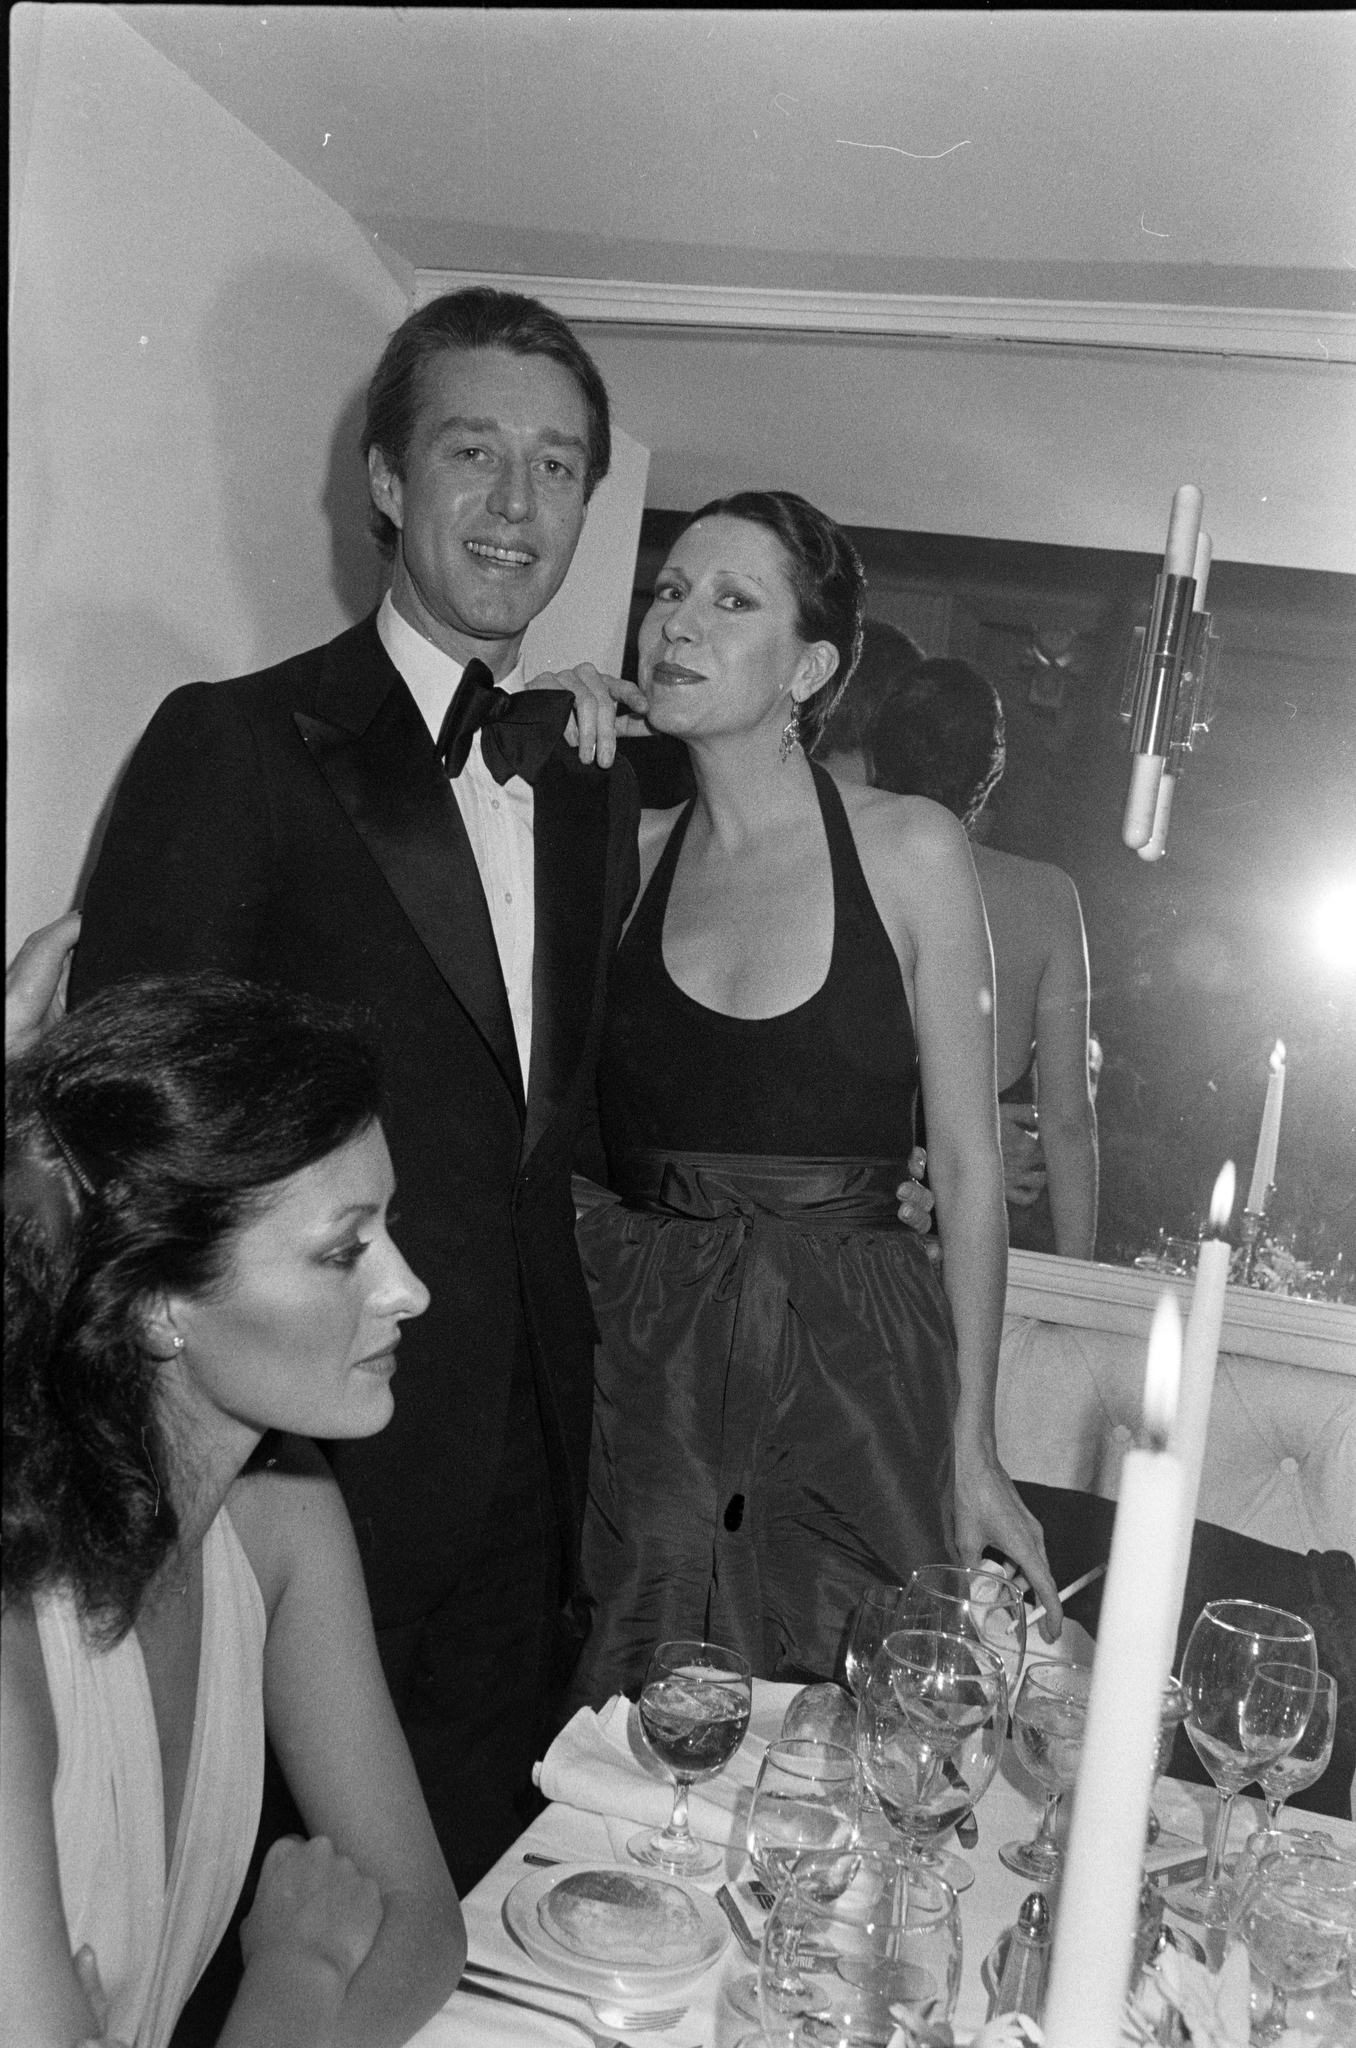 هالستون و السا پرتی در یک مهمانی در پریو در شهر نیویورک شرکت کردند